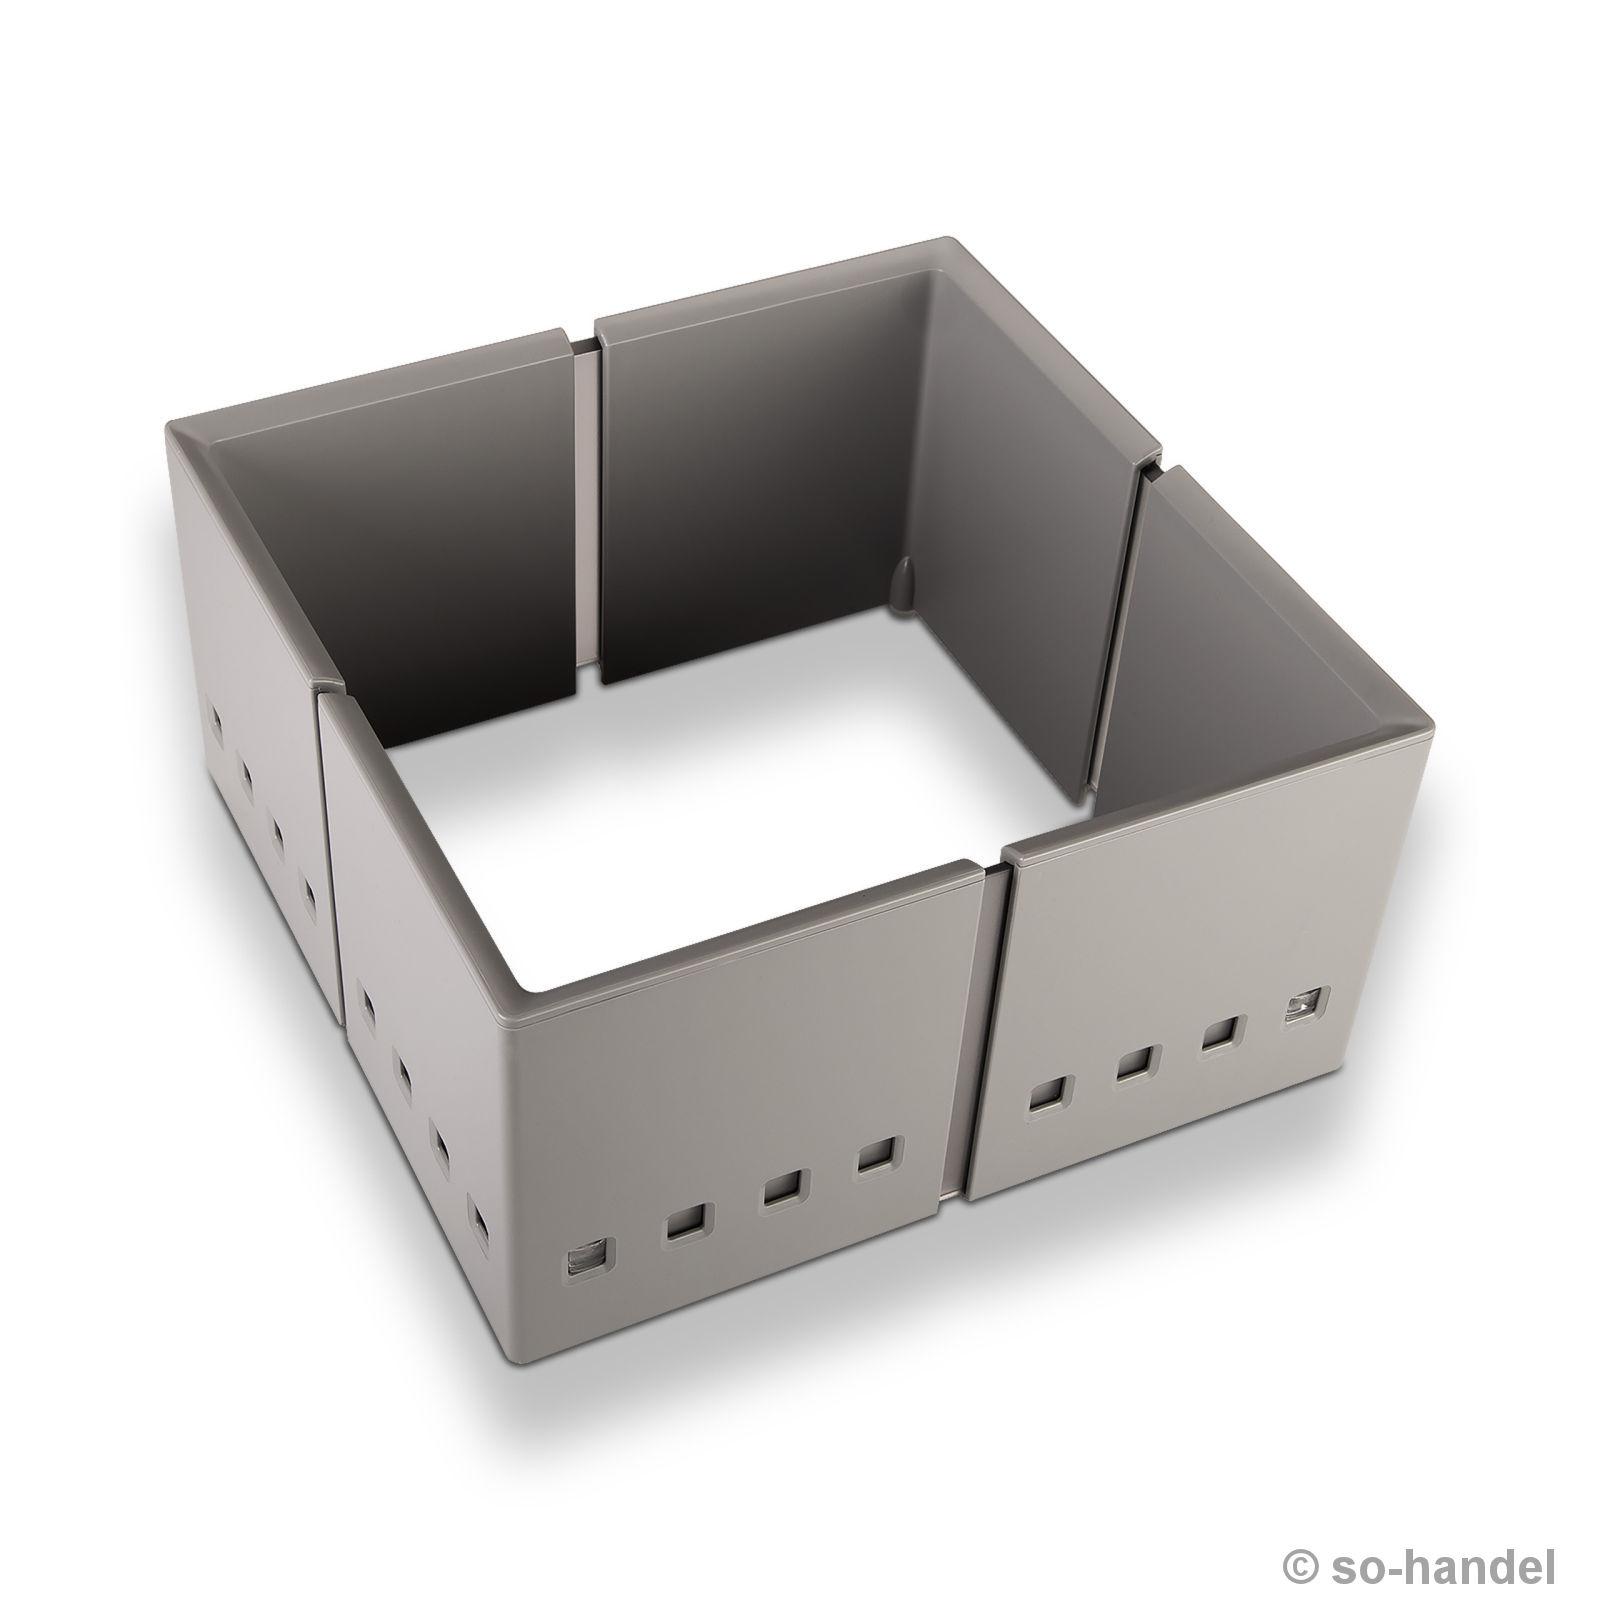 orga box iv universal besteckeinsatz f r 60 cm schubladenbreite besteckkasten ebay. Black Bedroom Furniture Sets. Home Design Ideas